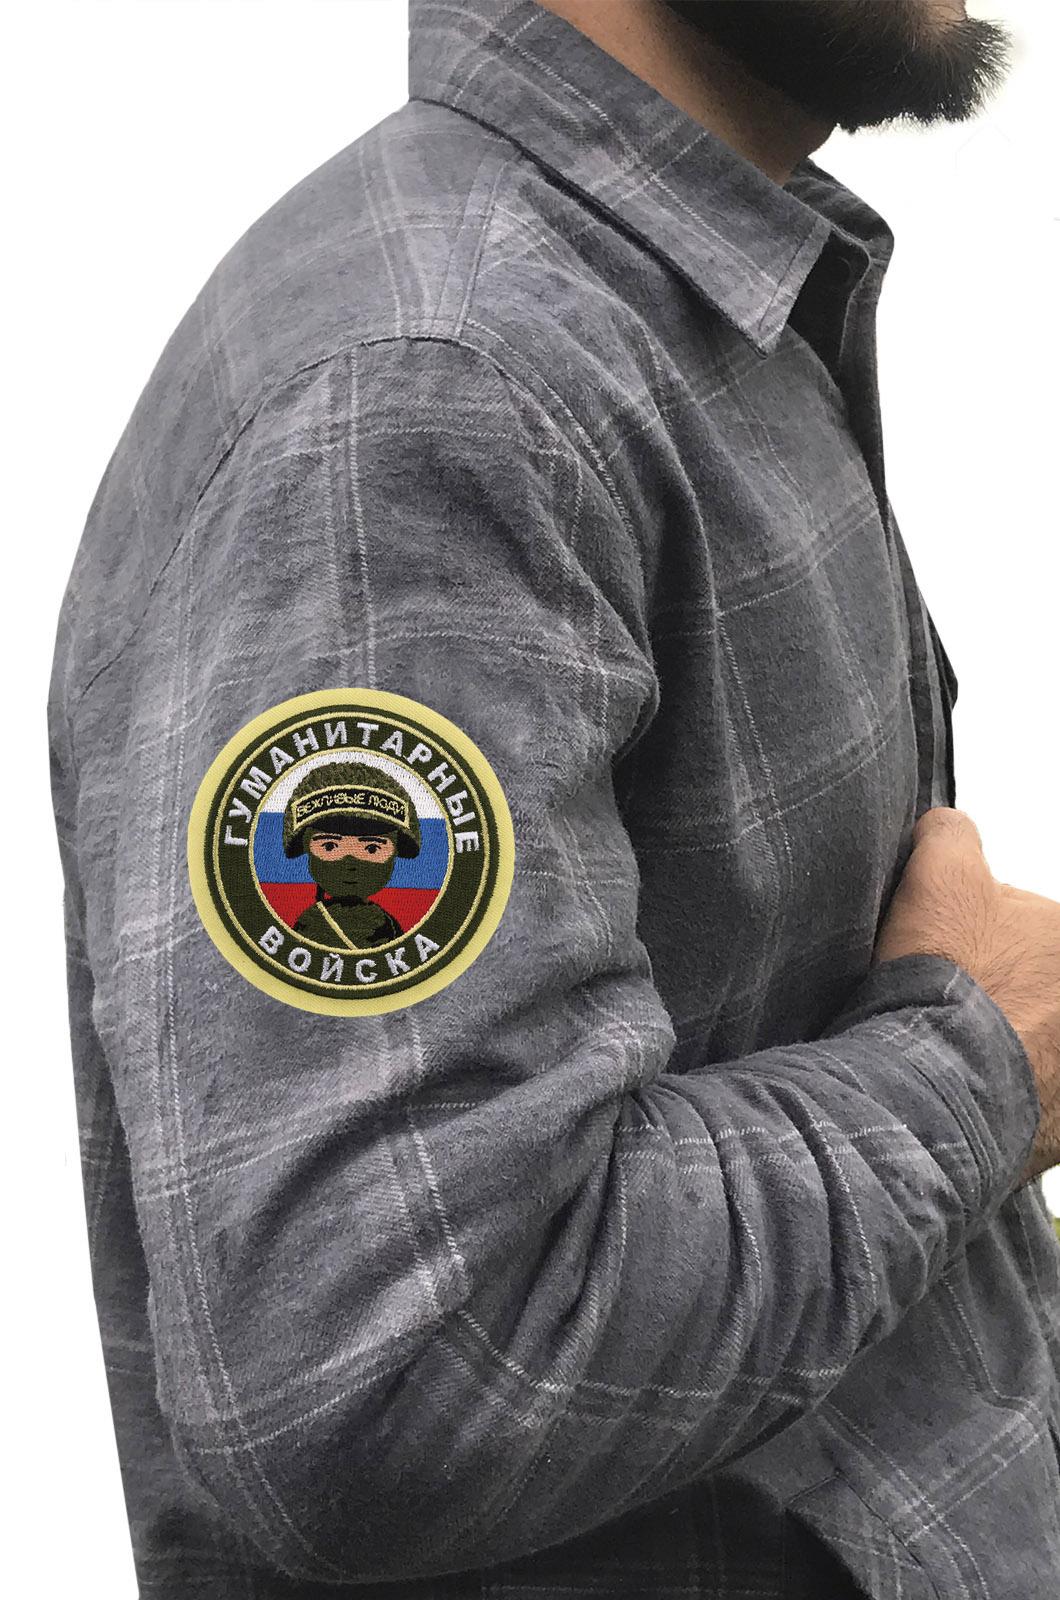 Рубашка в клетку с шевроном Гуманитарных войск купить онлайн